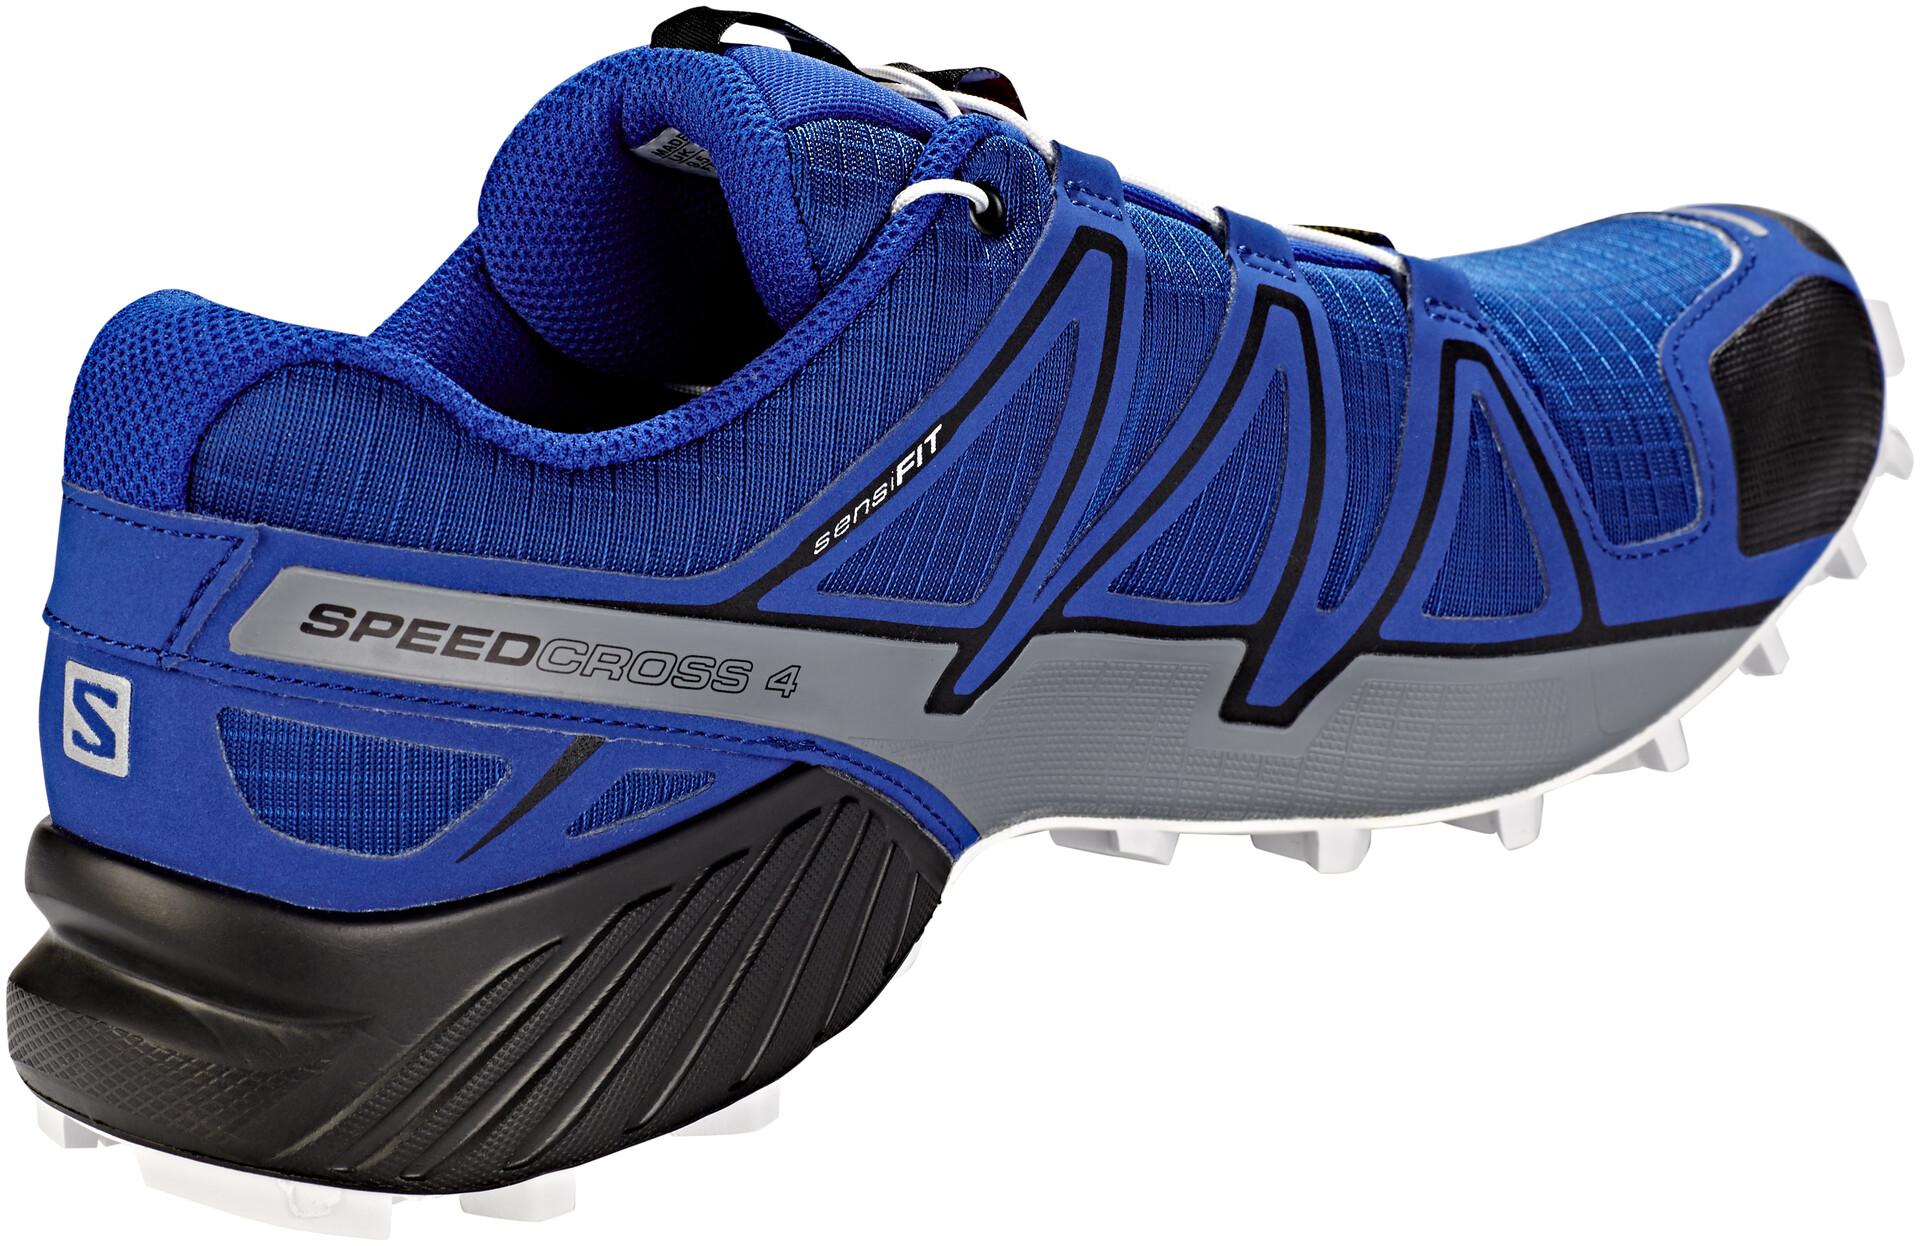 Salomon Speedcross 4 Shoes Herren mazarine blue wilblackwhite